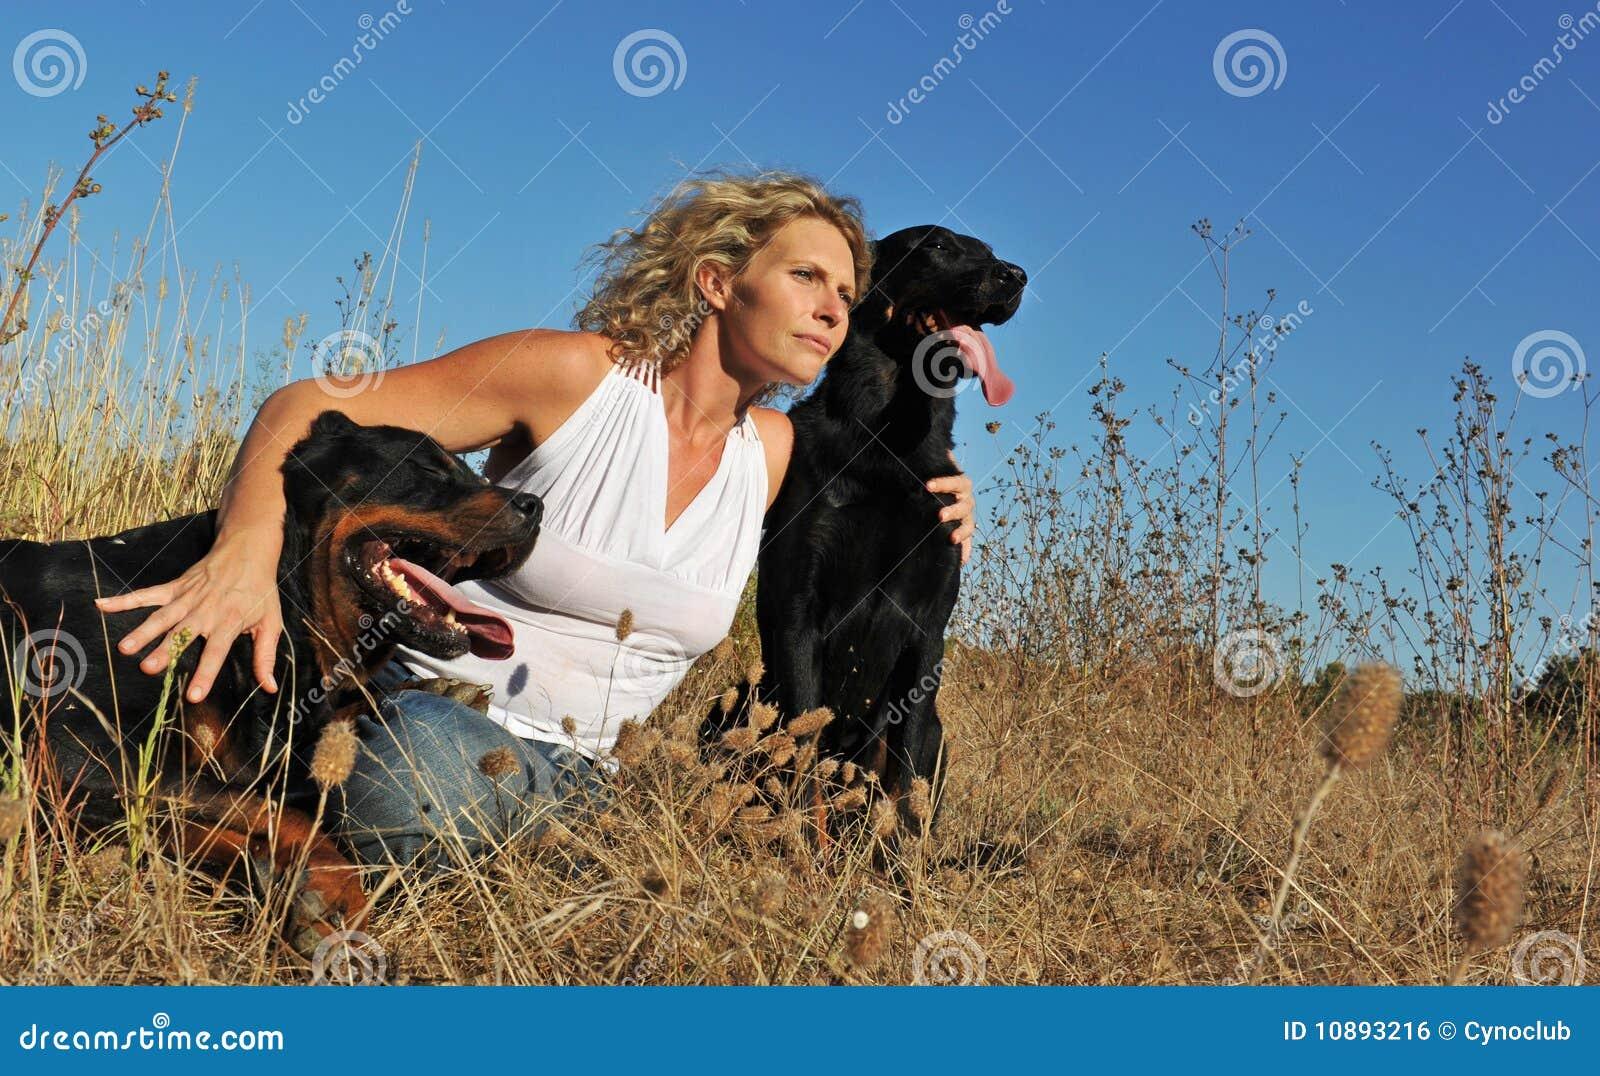 Hunde Und Frauen